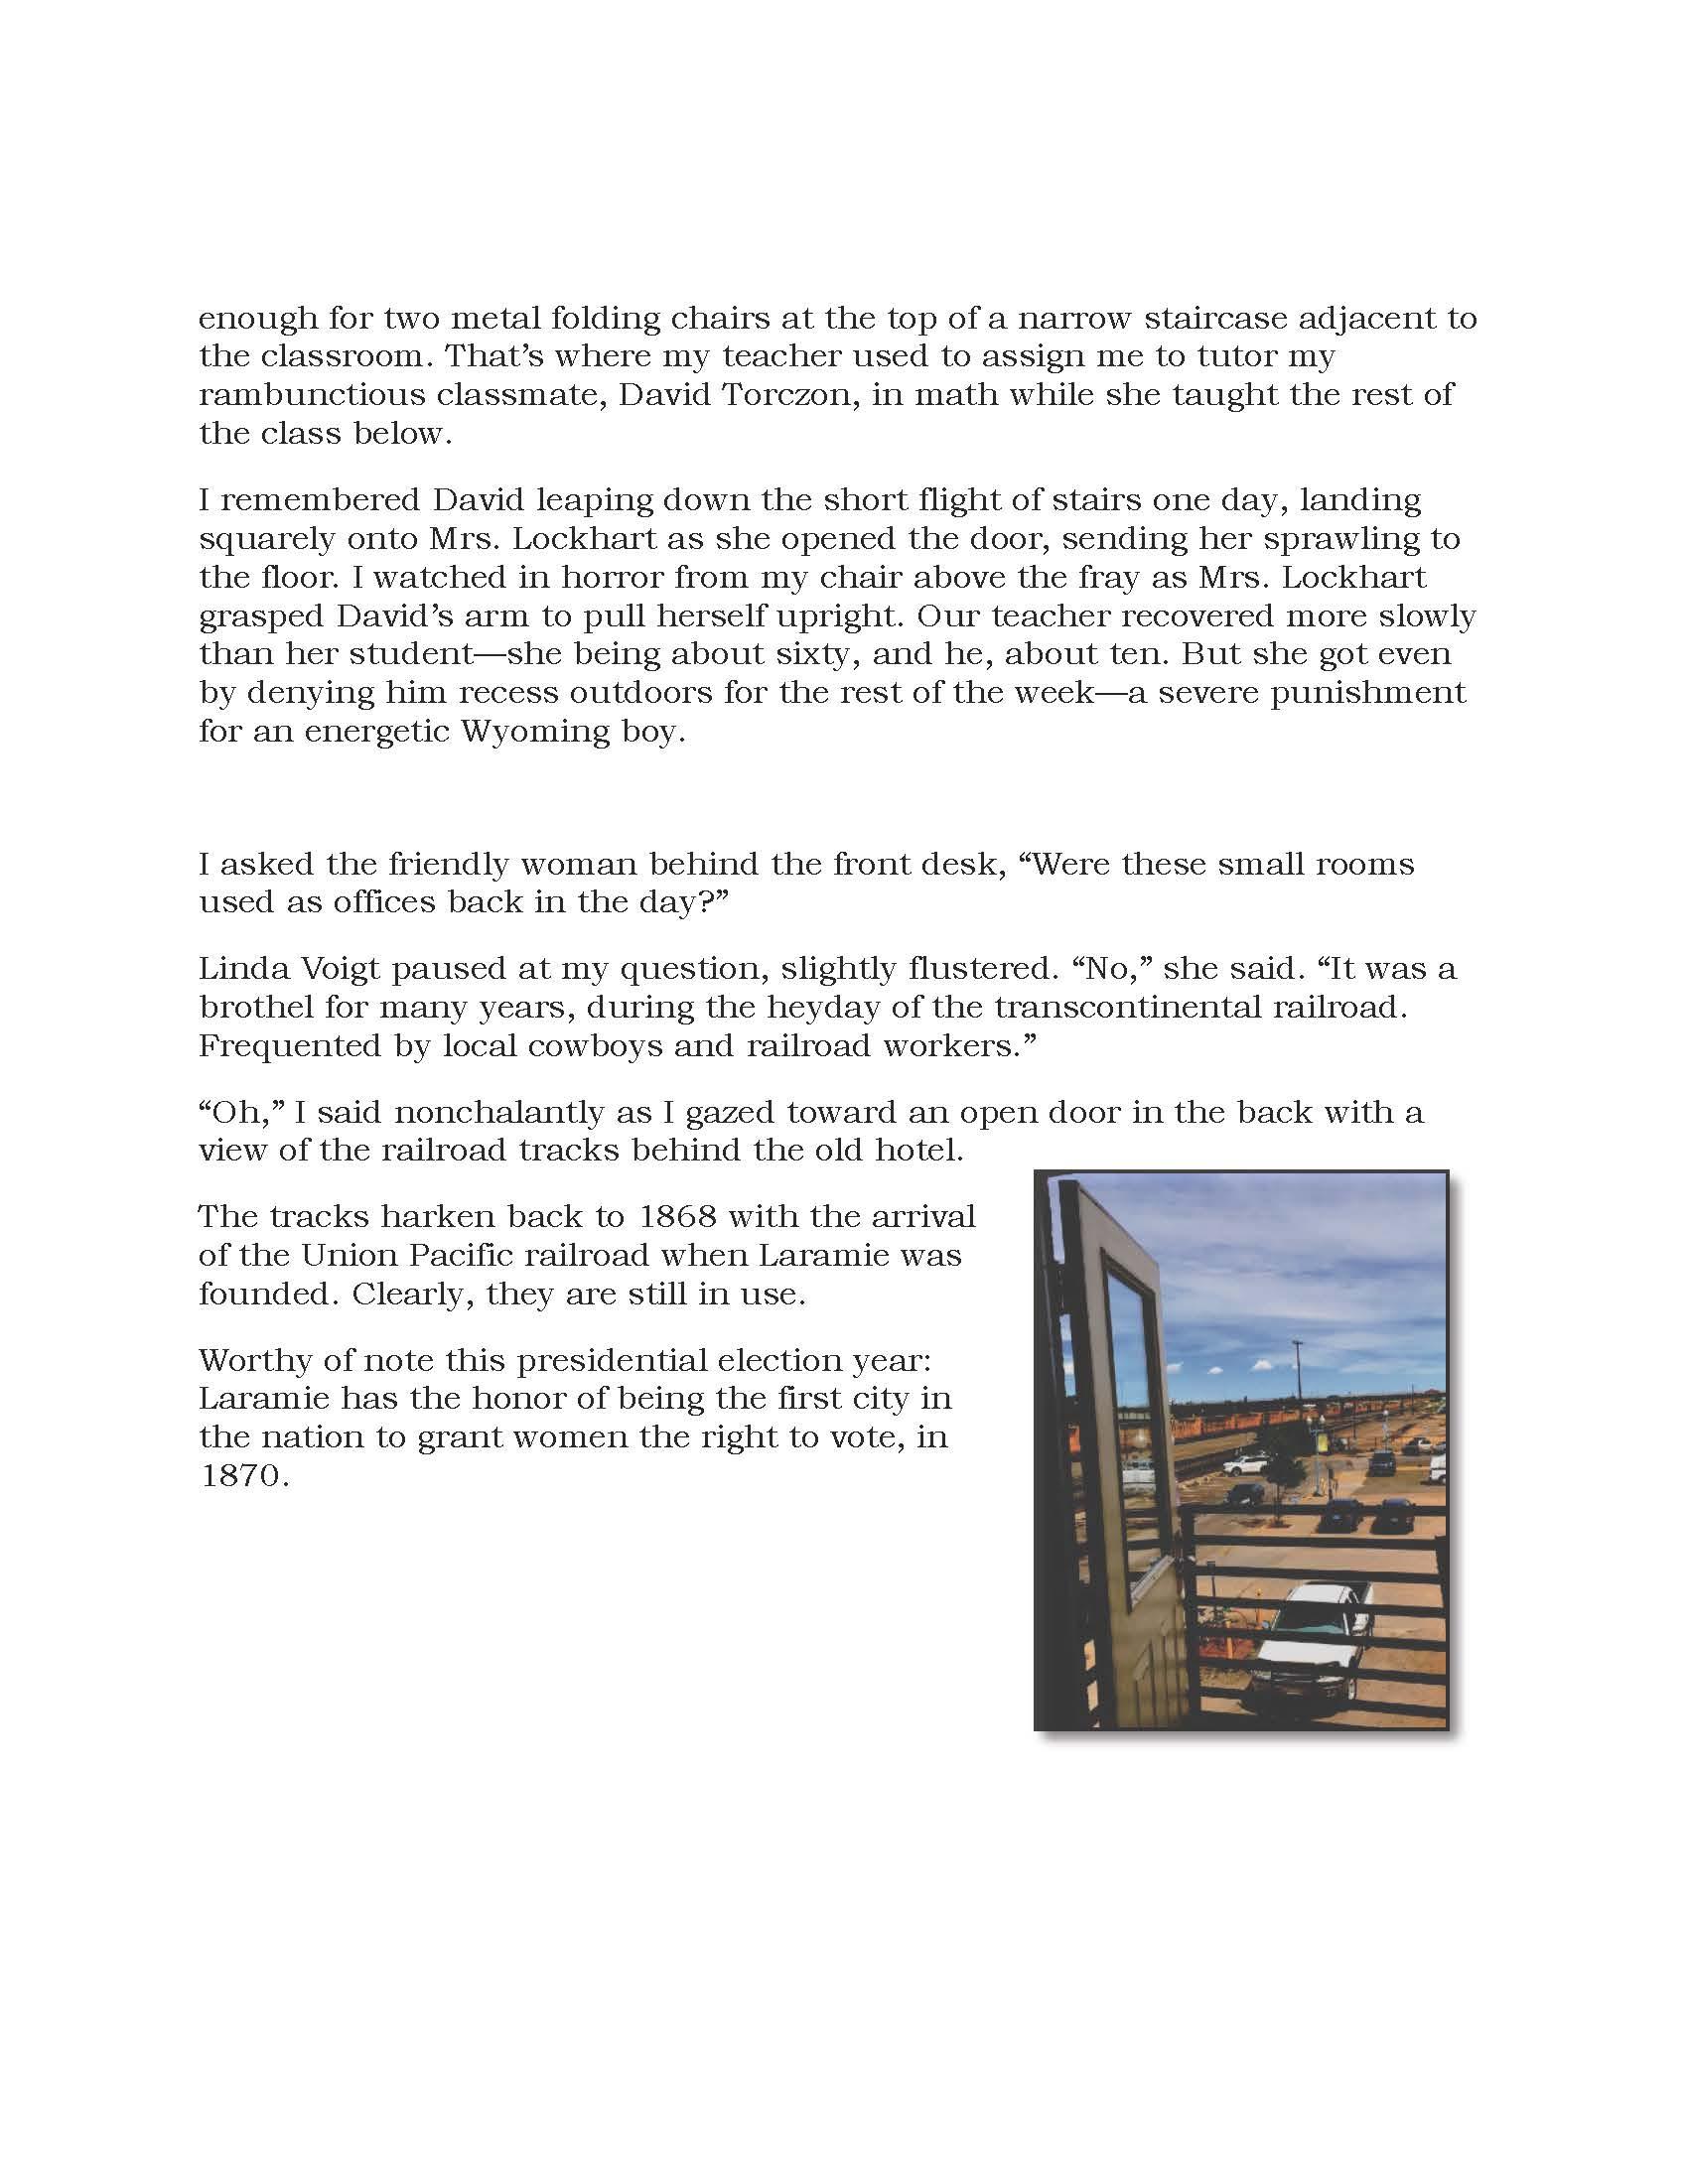 wyoming-book-tour-master-rev-10-23-16-1_page_04